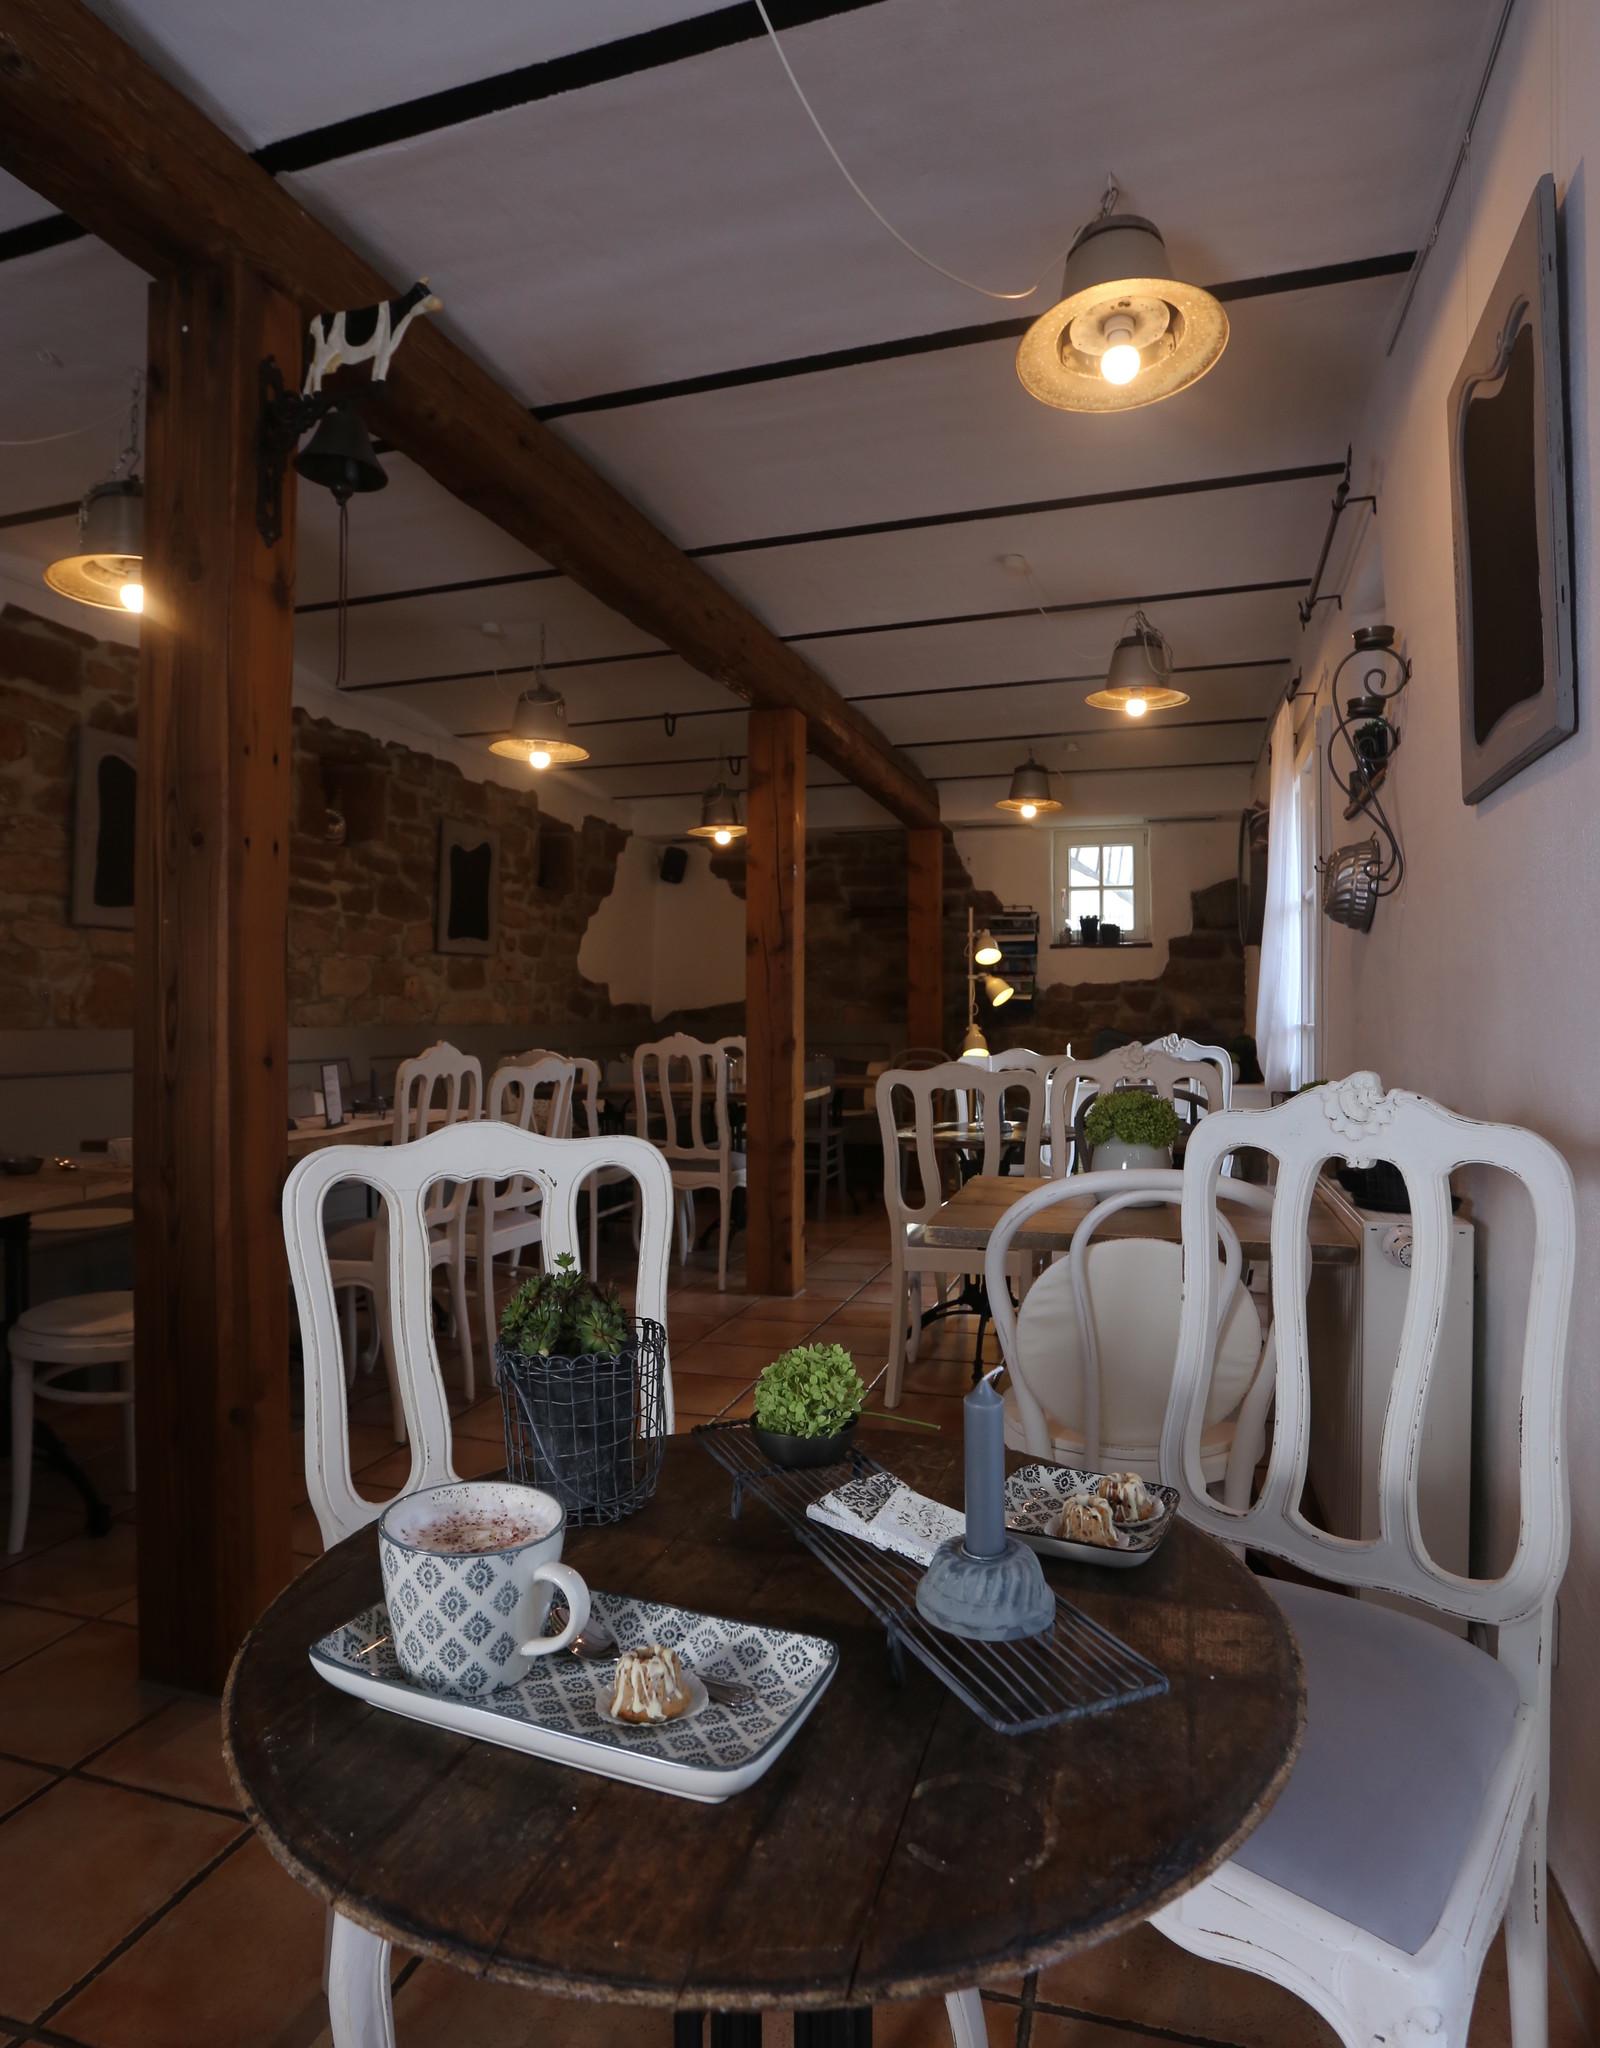 Café Ottersheim